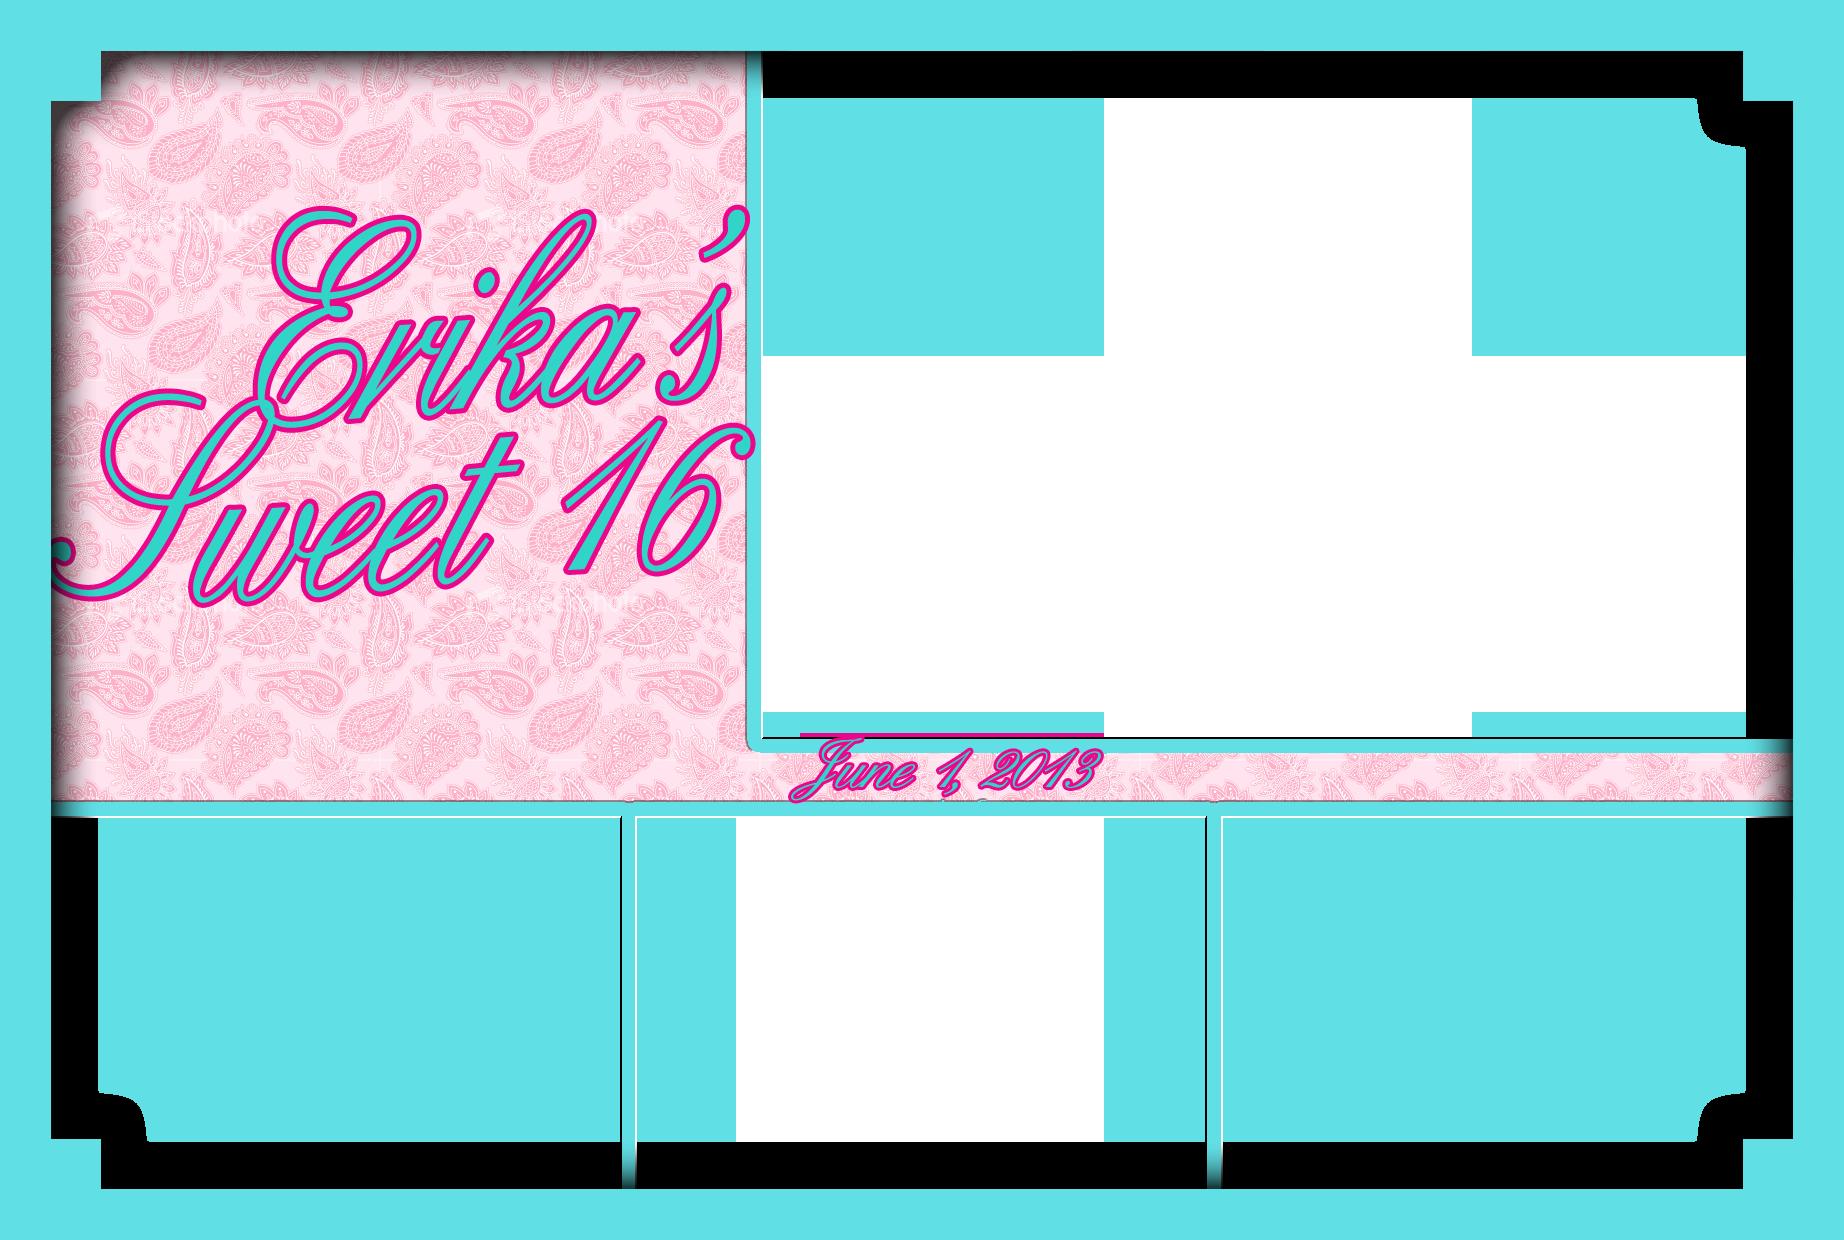 Erika's Sweet 16